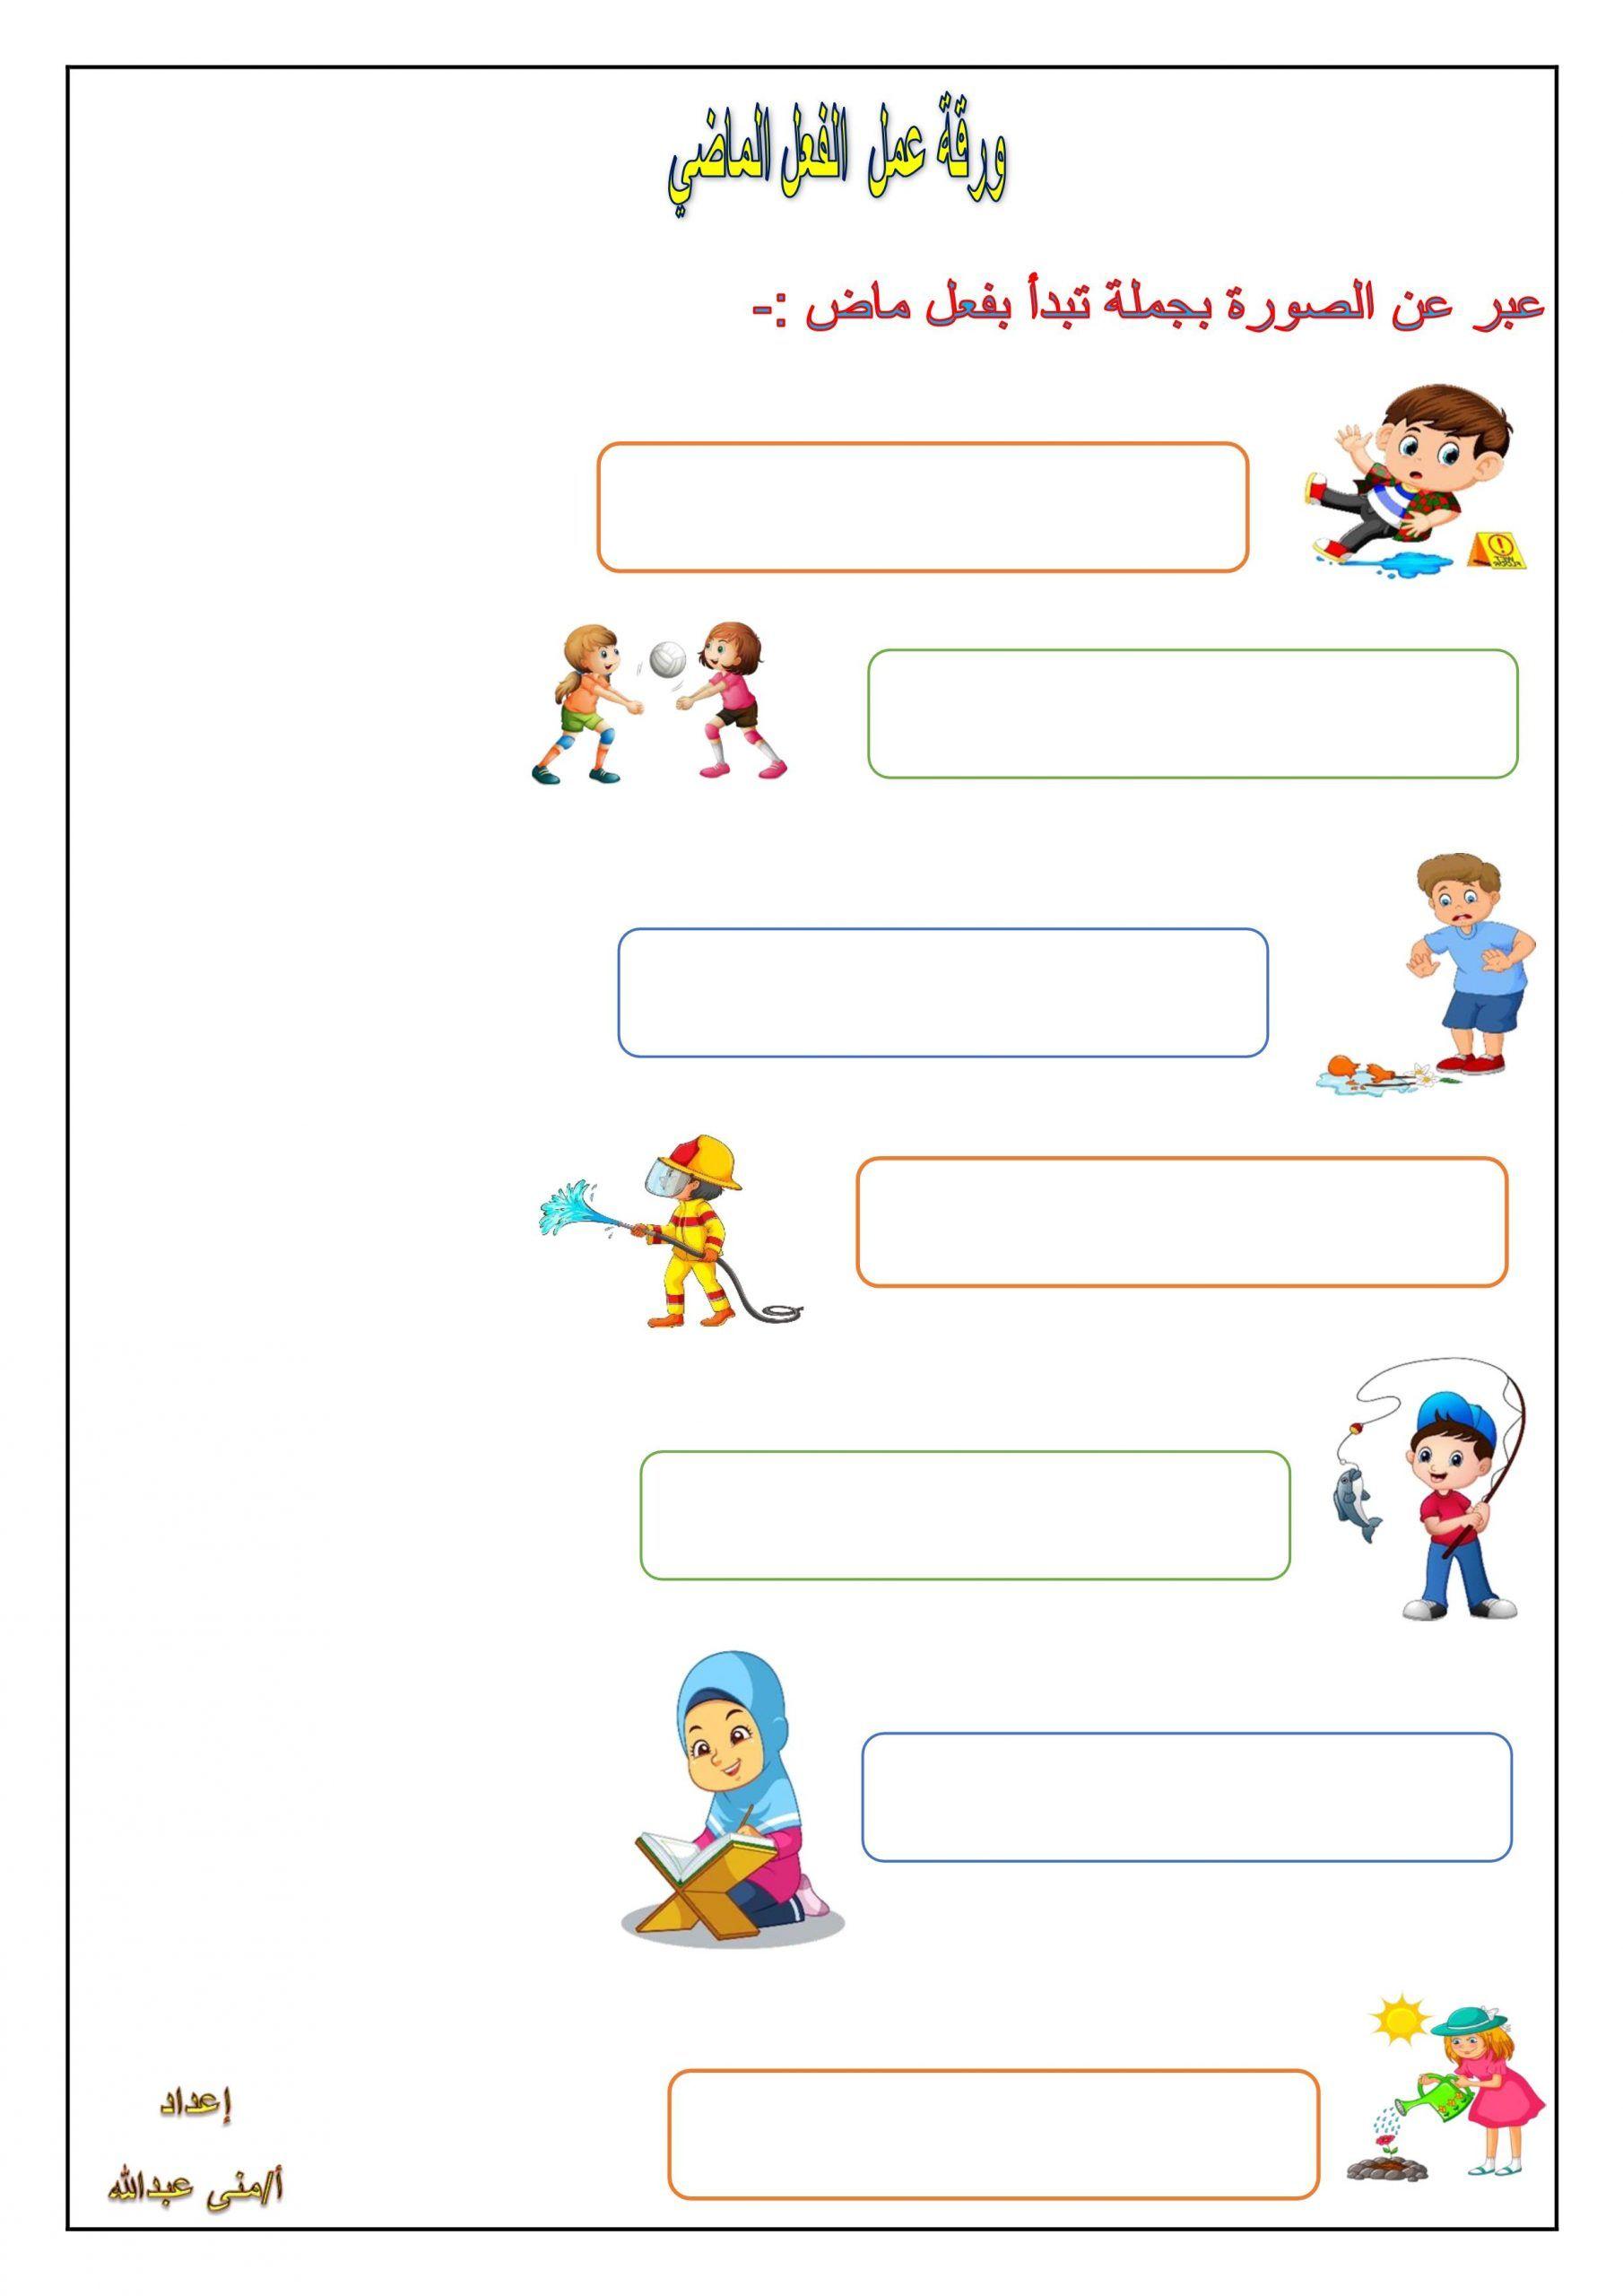 ورقة عمل عبر عن الصورة الفعل الماضي للصف الاول مادة اللغة العربية Cards Alae